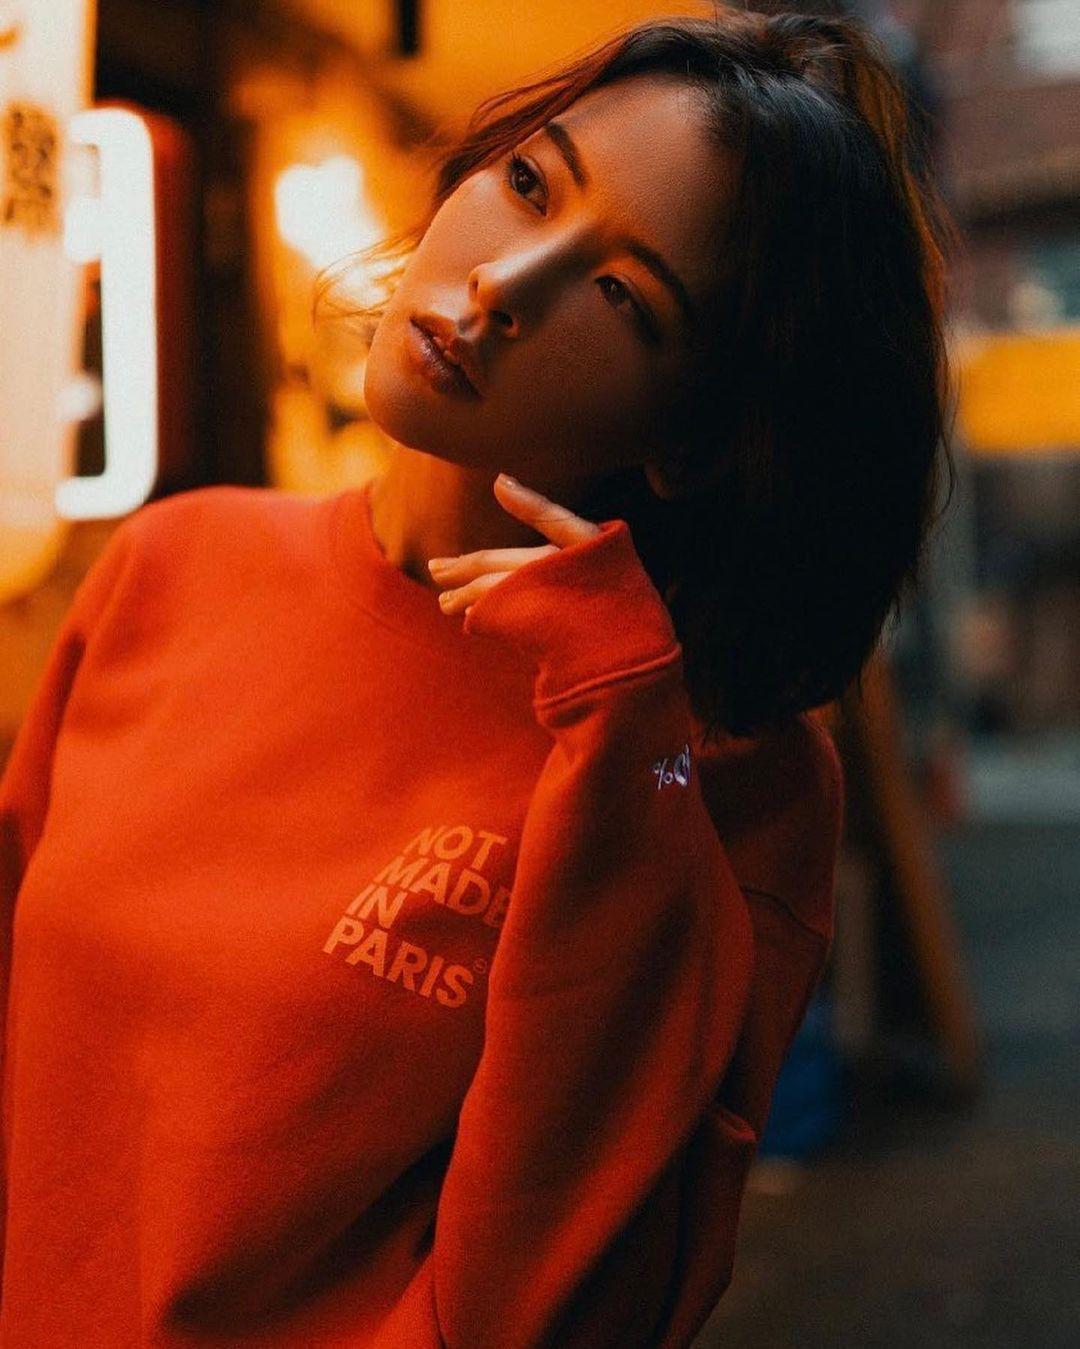 美艳御姐奈月セナ身型超暴力 白皙嫩腿修长 网络美女 第10张